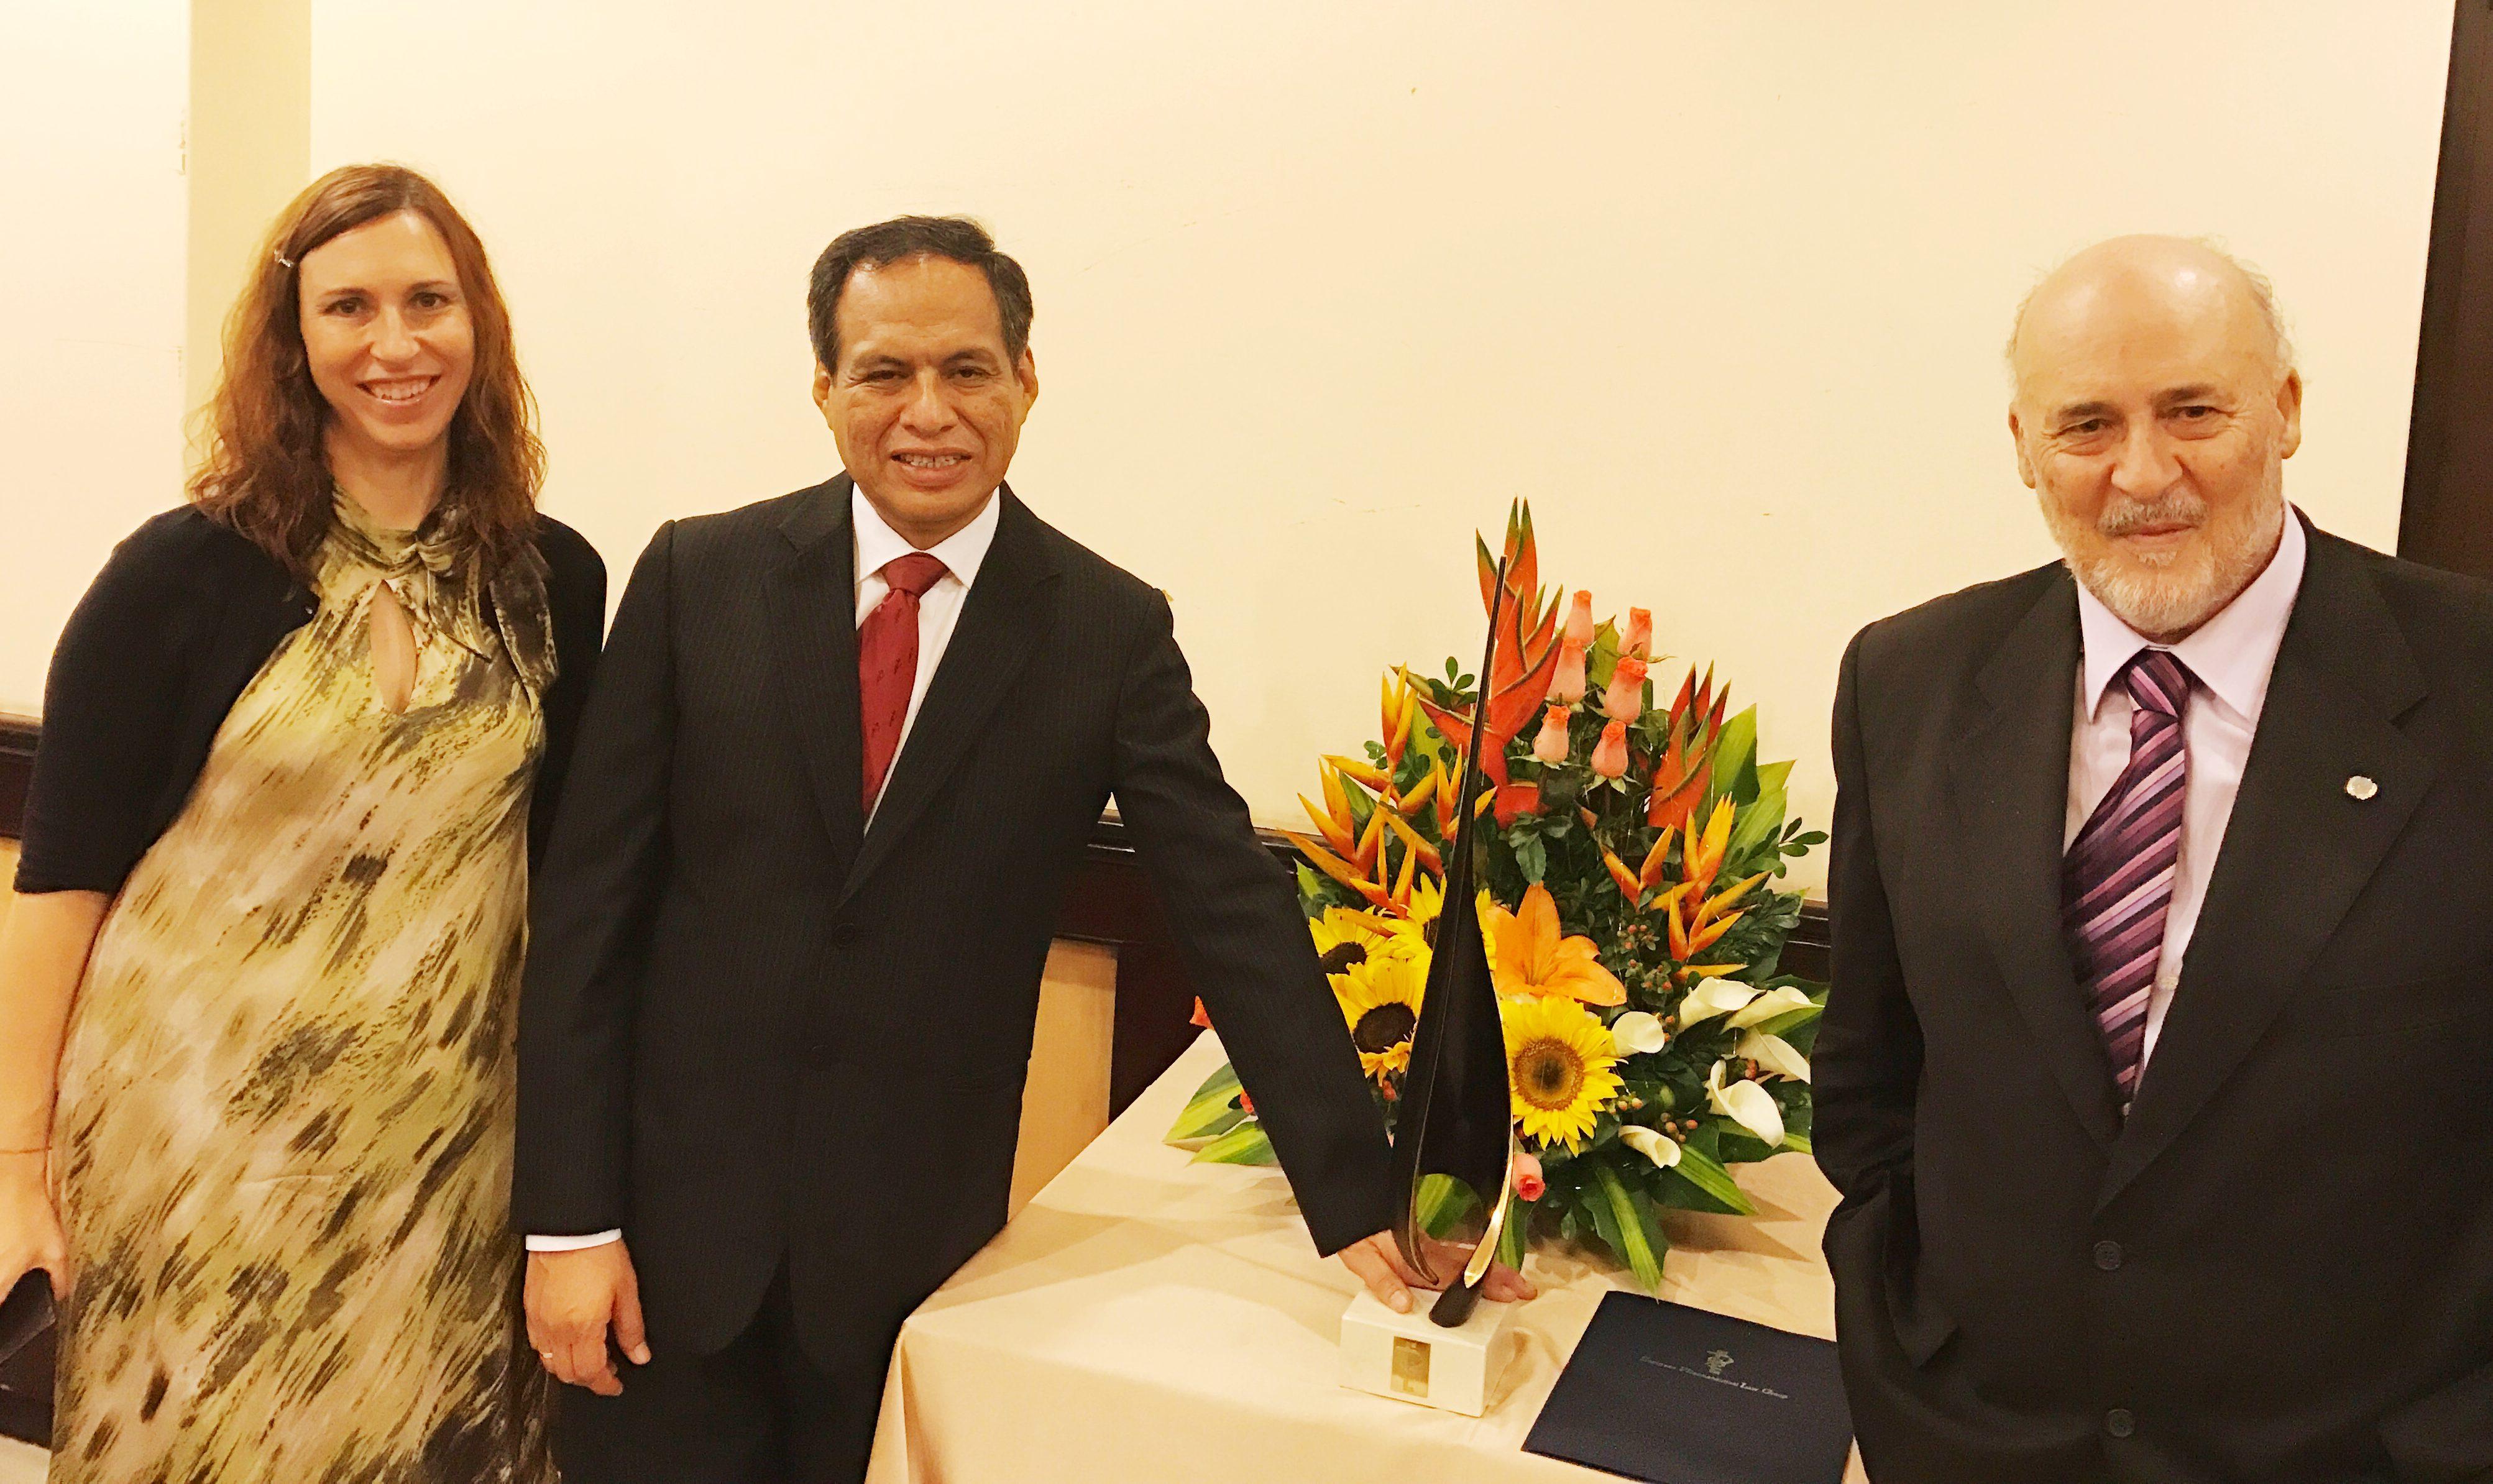 El presidente de Eupharlaw y del Foro Ibercisalud, y su directora, junto al premiado